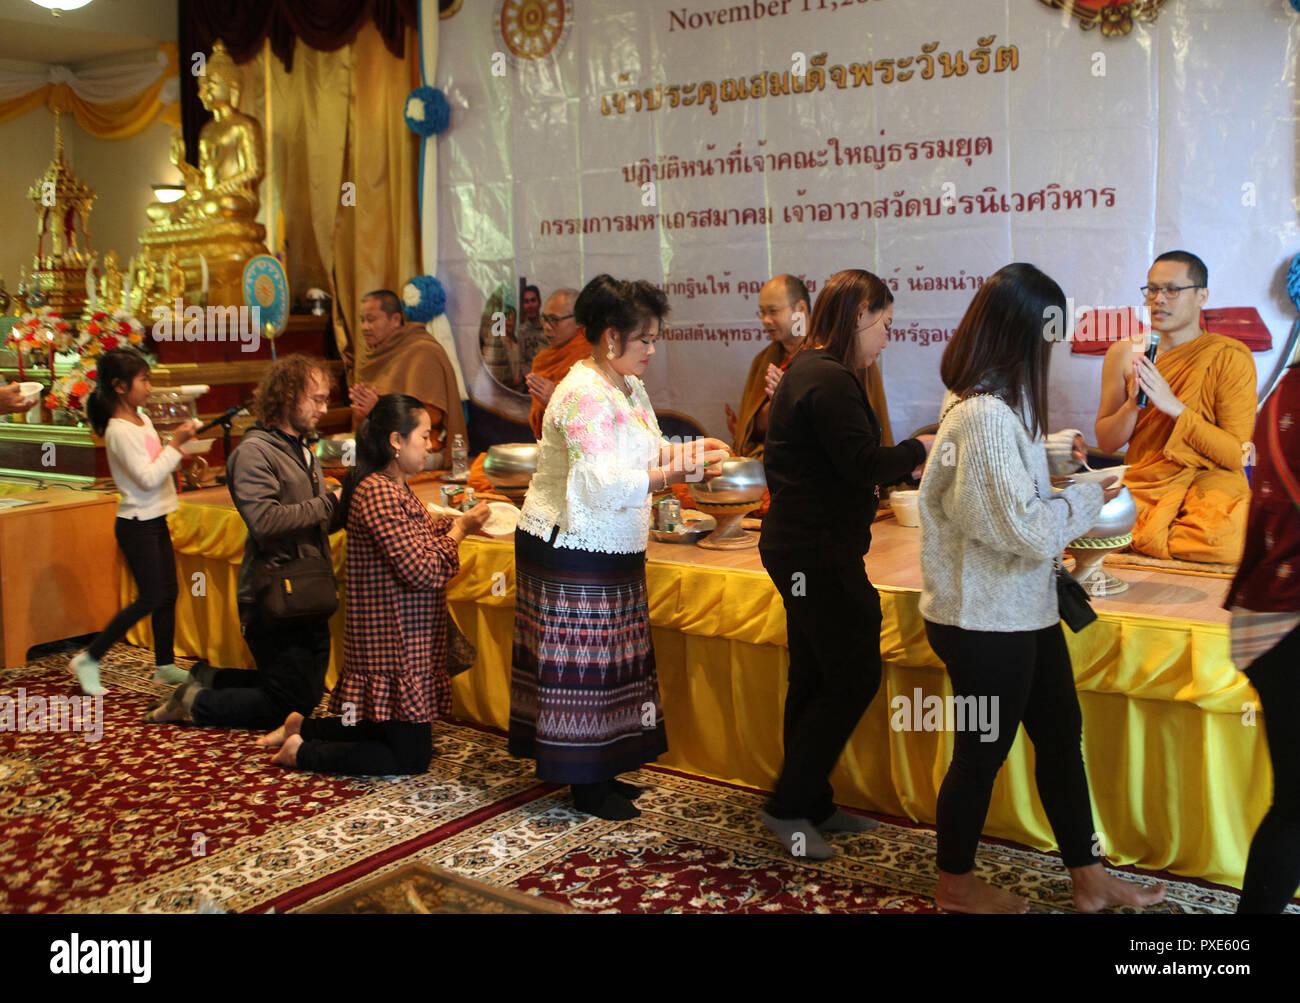 Buddhistische Anhänger bieten Speisen, den Mönchen bei der jährlichen Ende der Fastenzeit Feier am Wat Boston Vararam Buddha Tempel gehalten, nur eine der beiden in Massachusetts. Stockbild